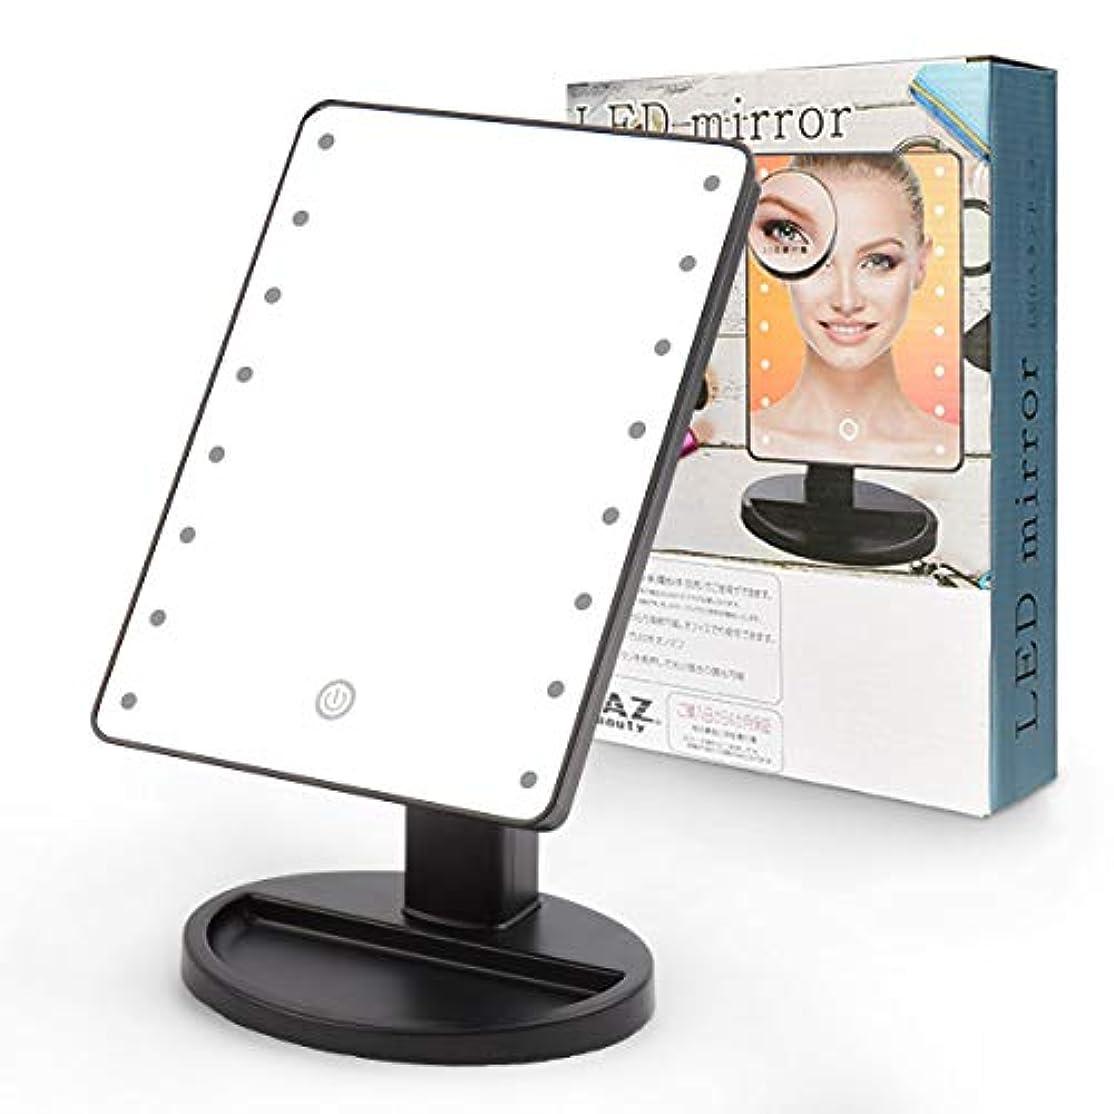 作詞家概して頬骨ZAZ LEDミラー 16LED 女優ミラー 10倍鏡 USBケーブル付属 角度調整可能 カラー:ブラック